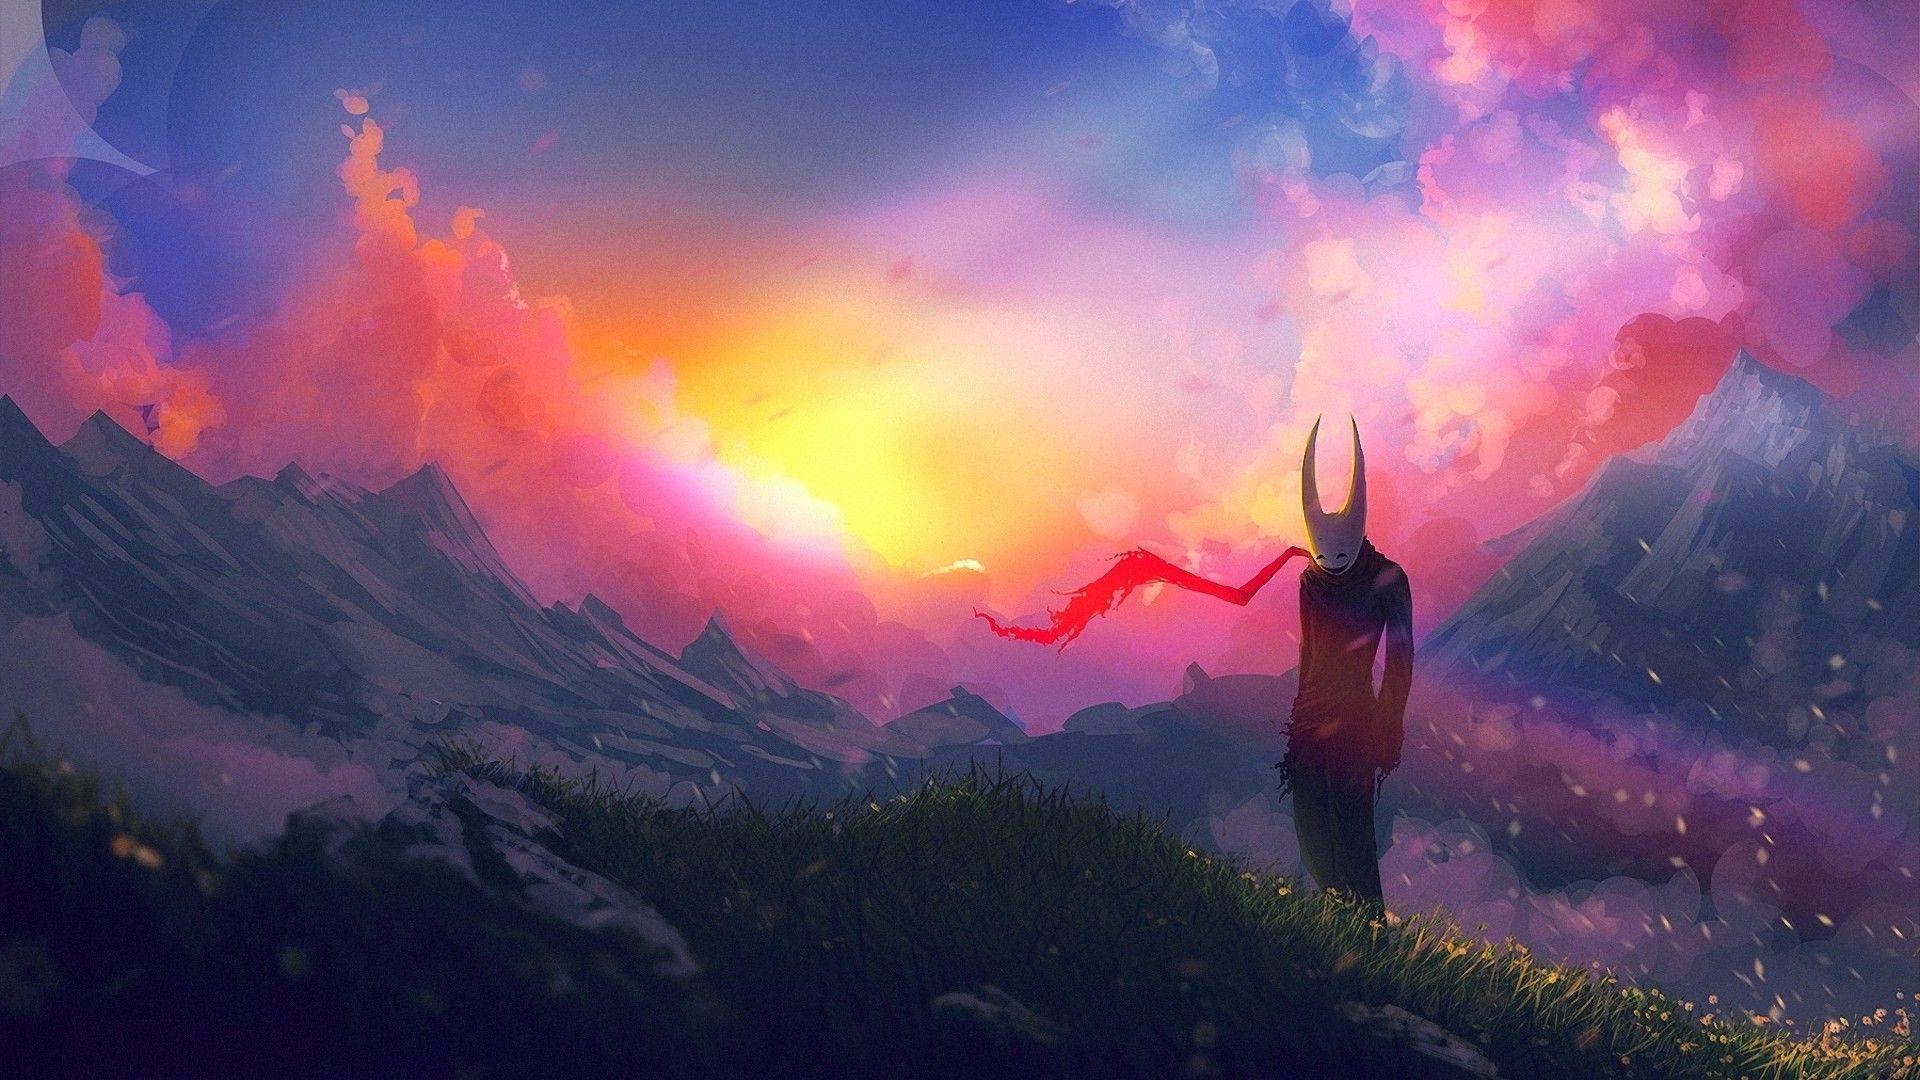 1430608818976.jpg (1920×1080) Anime scenery wallpaper